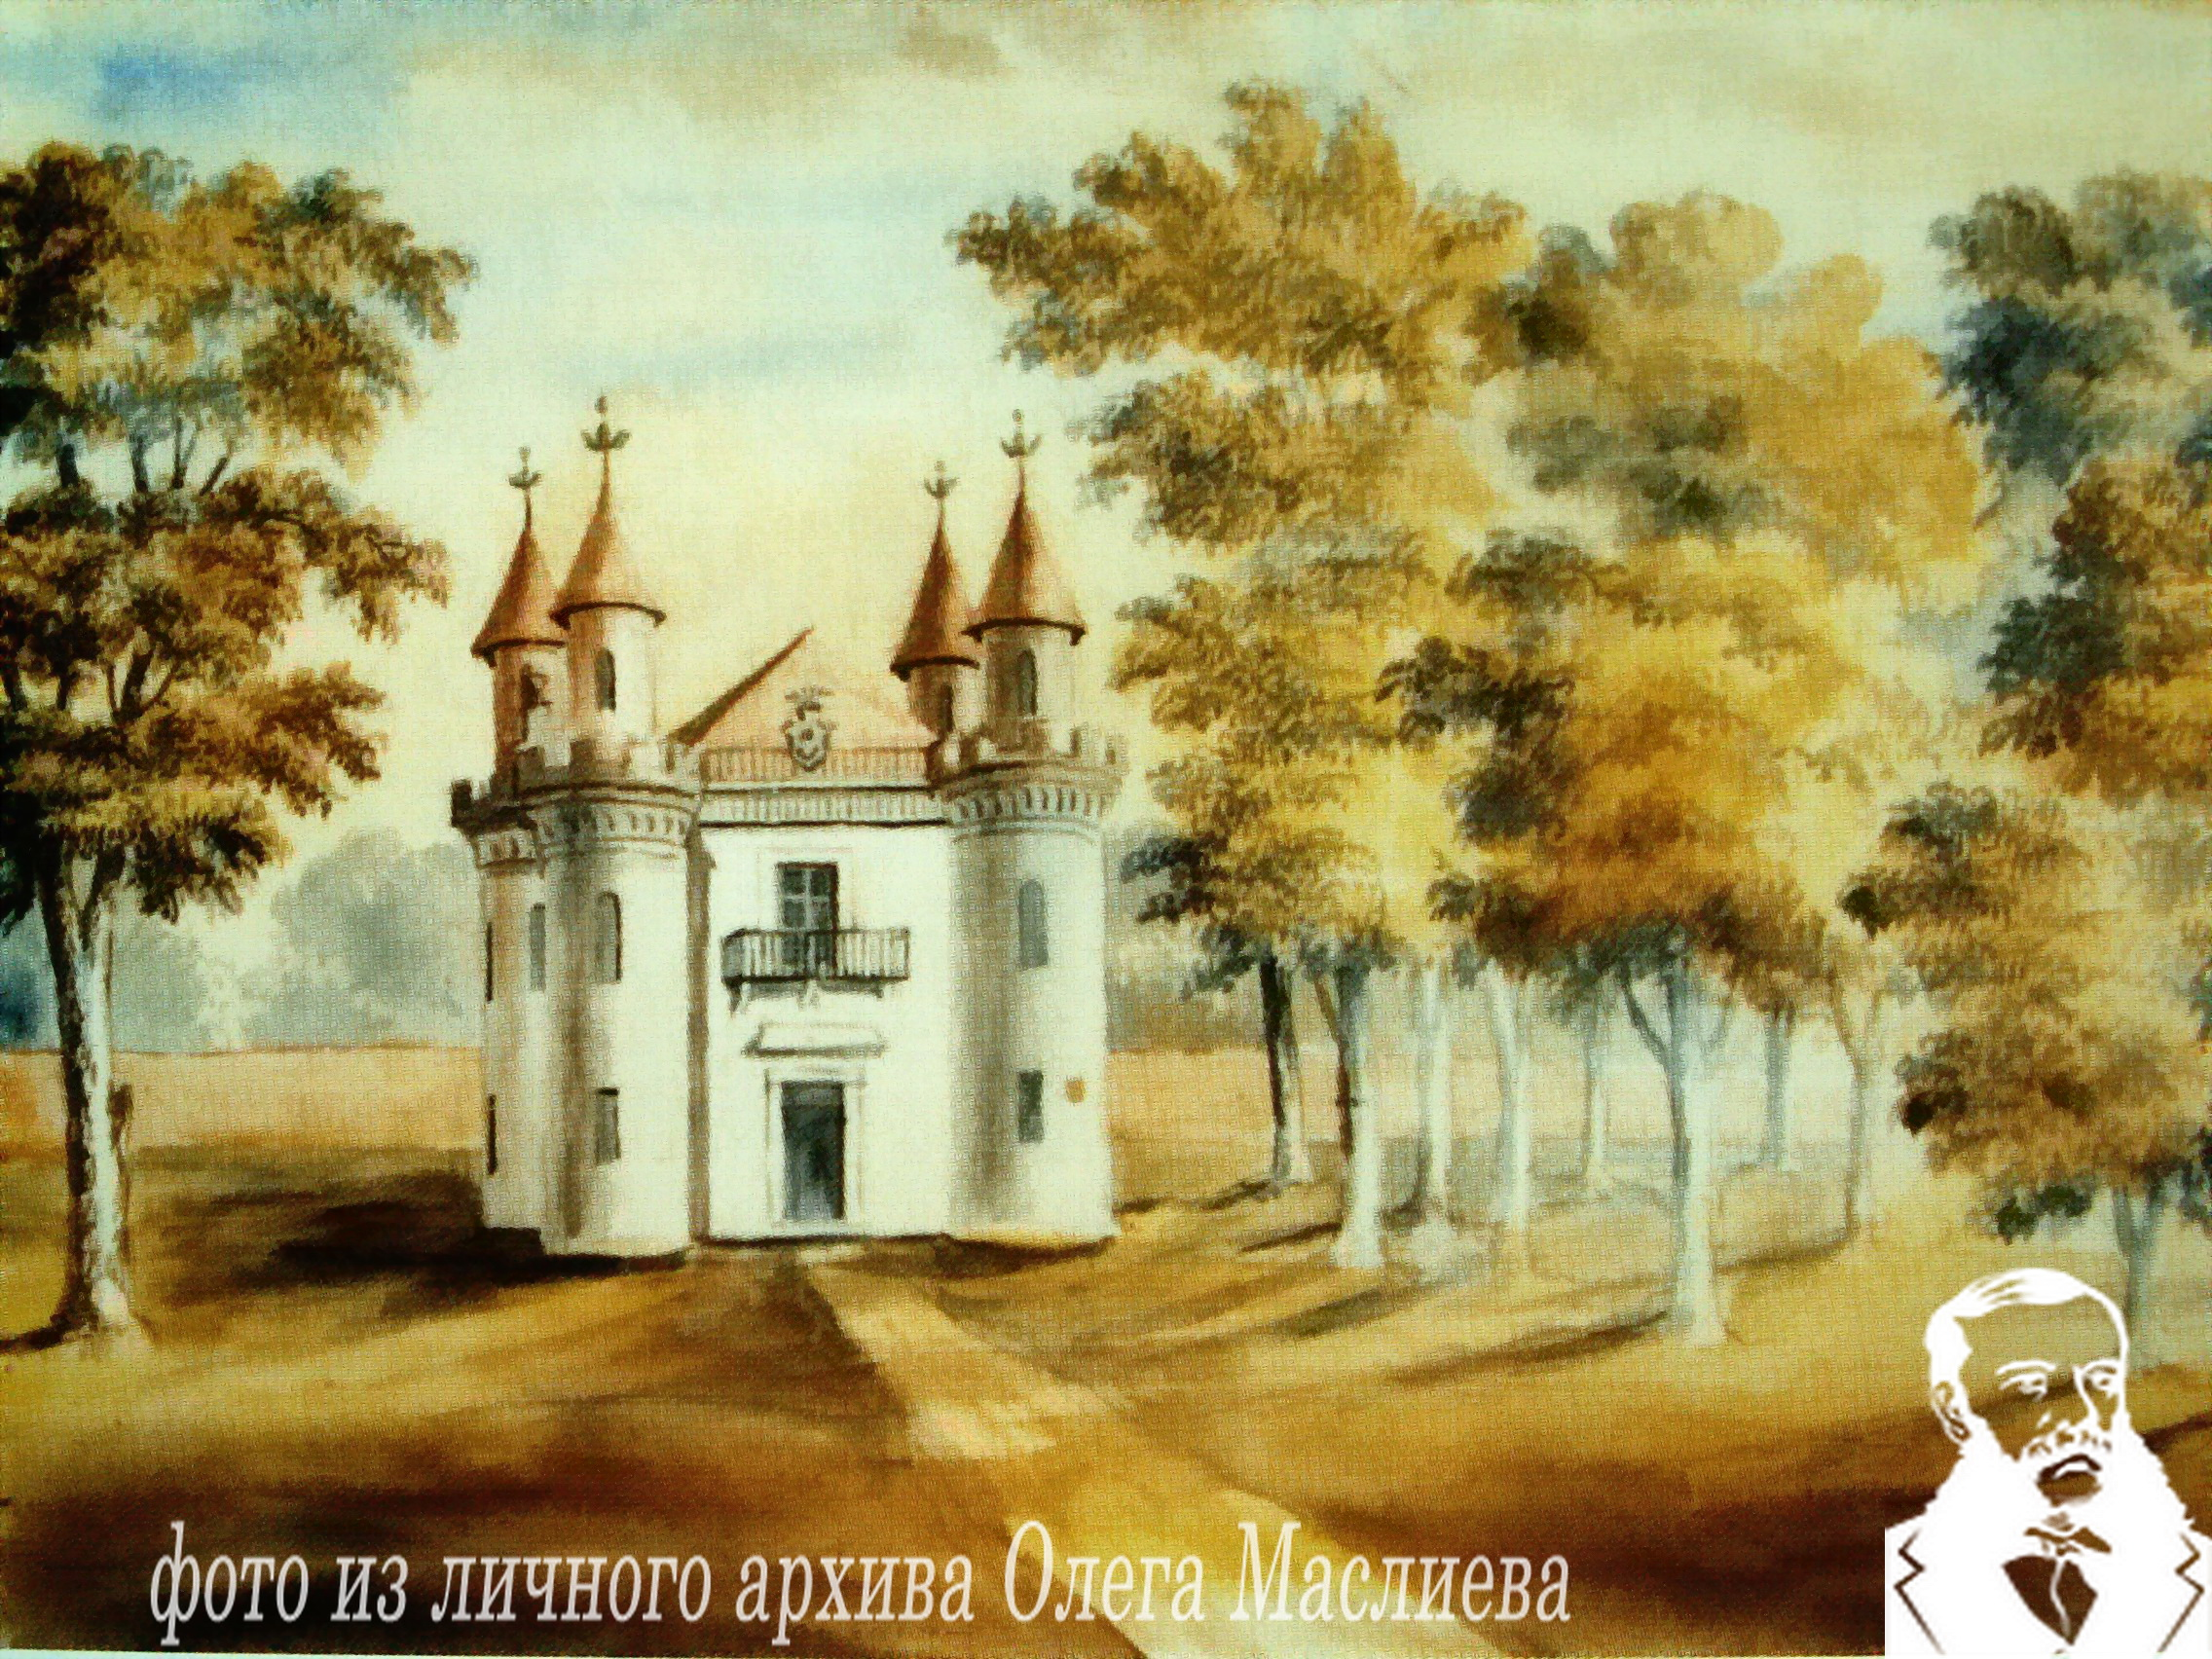 Павильон «Скарбница» в Станьково. Рисунок Н.Орда, 13.07.1876 года